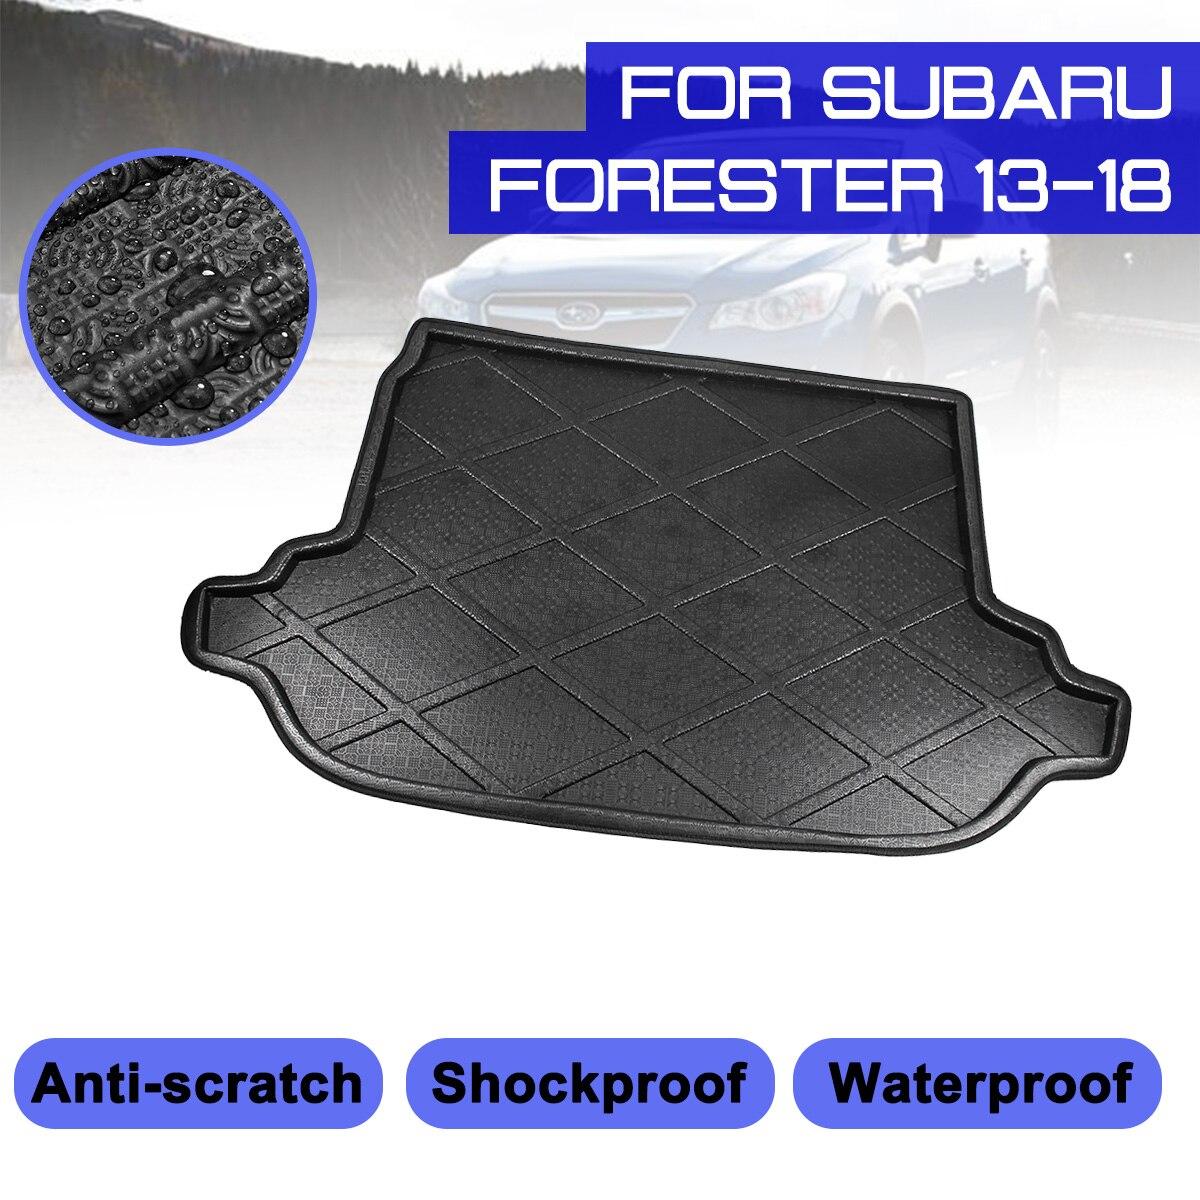 Автомобильный коврик для пола, коврик для заднего багажника, анти грязевая Крышка для Subaru Forester 2013 2014 2015 2016 2017 2018|Напольные коврики|   | АлиЭкспресс